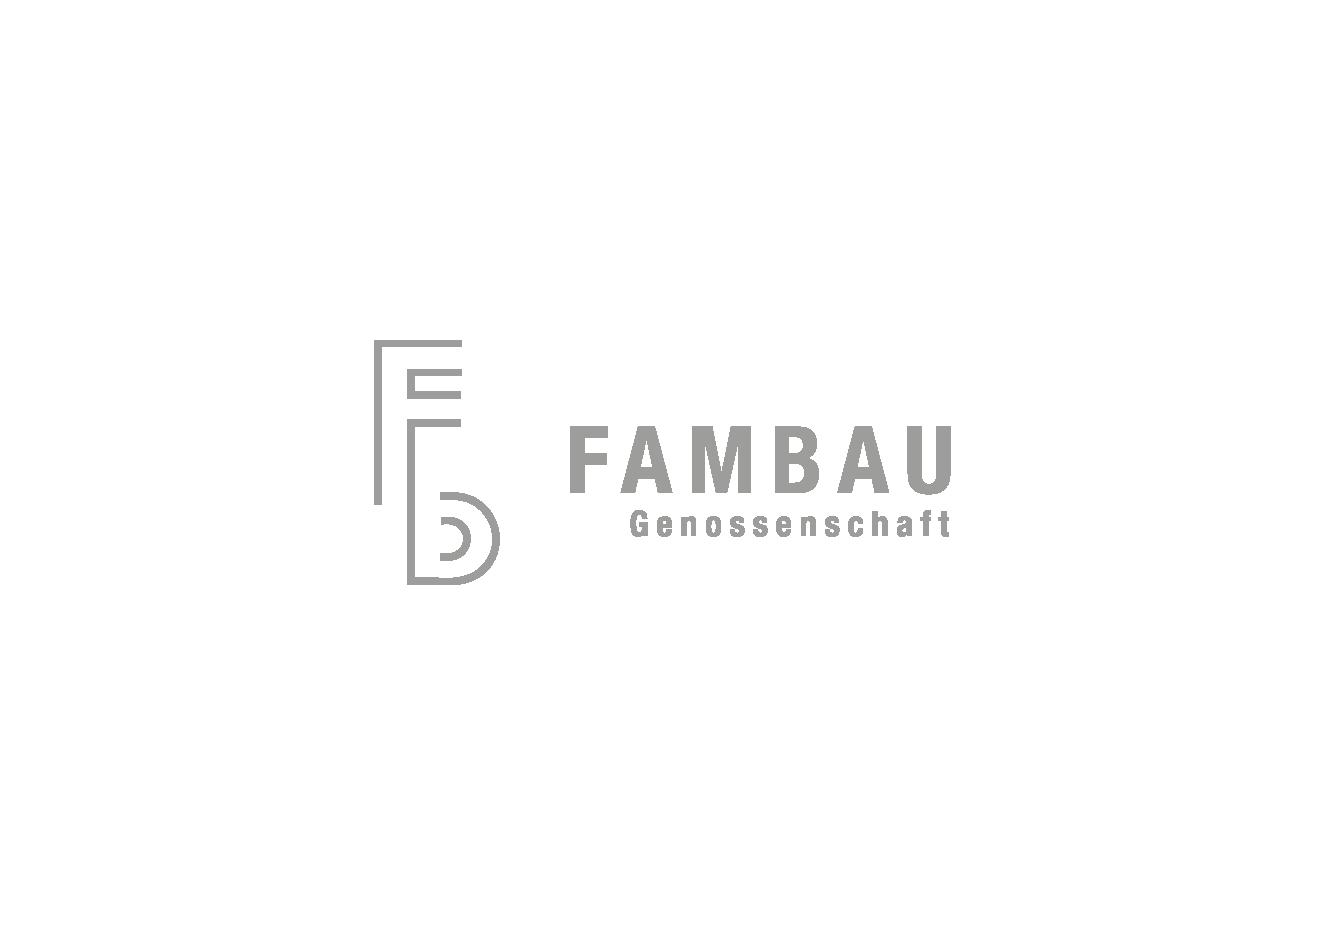 fambau-sw